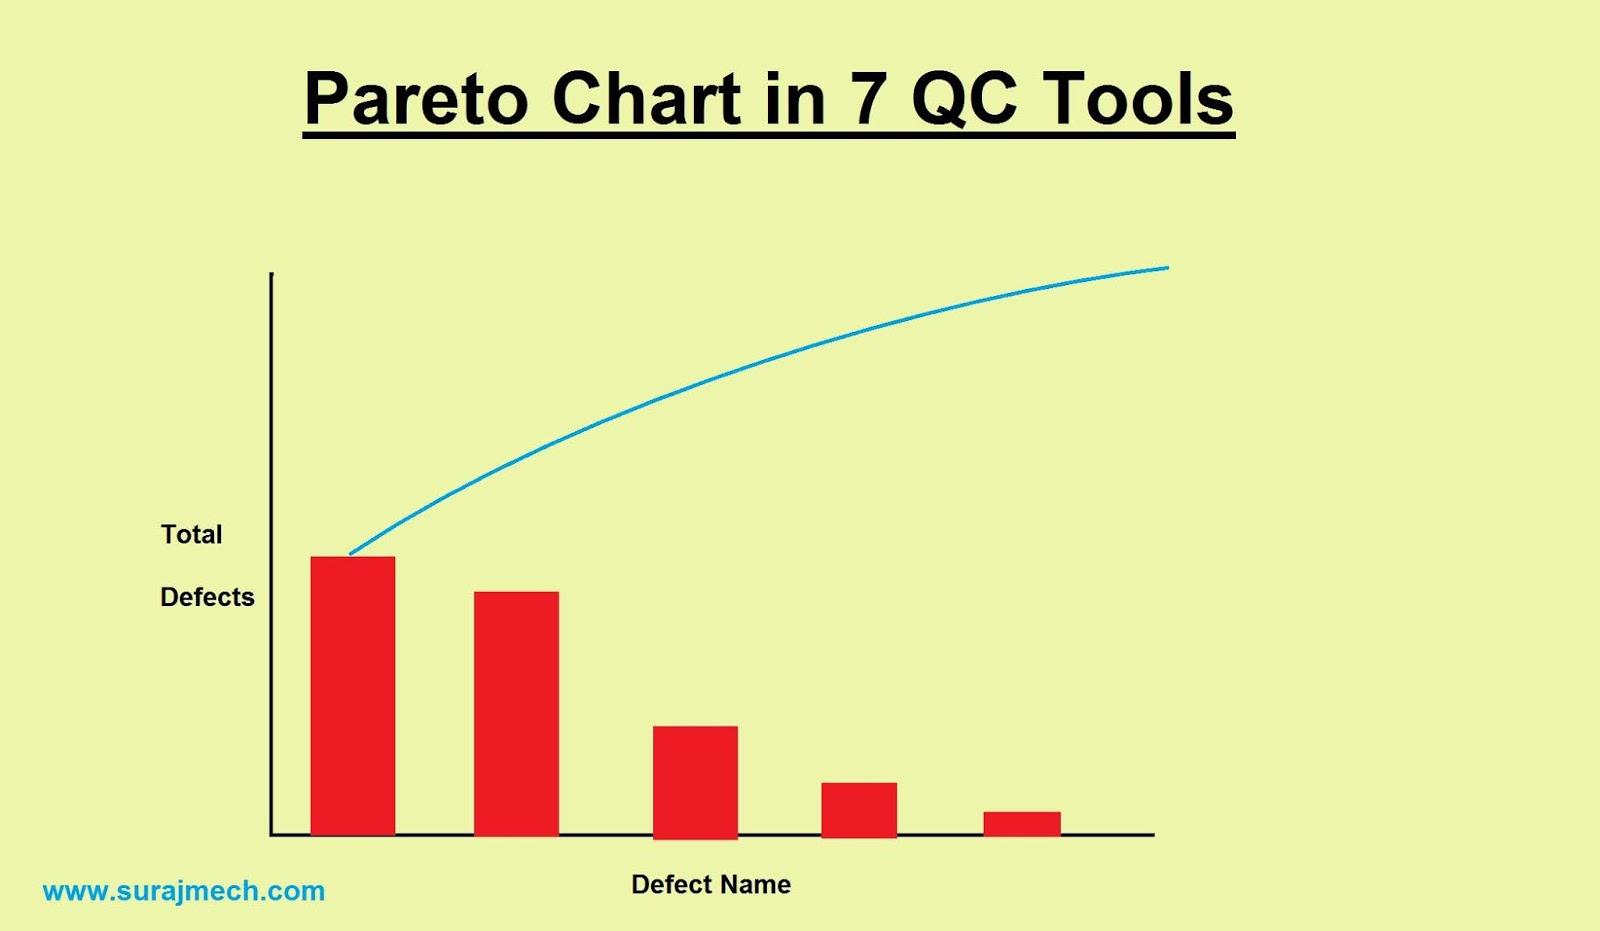 Pareto Chart in 7QC Tools